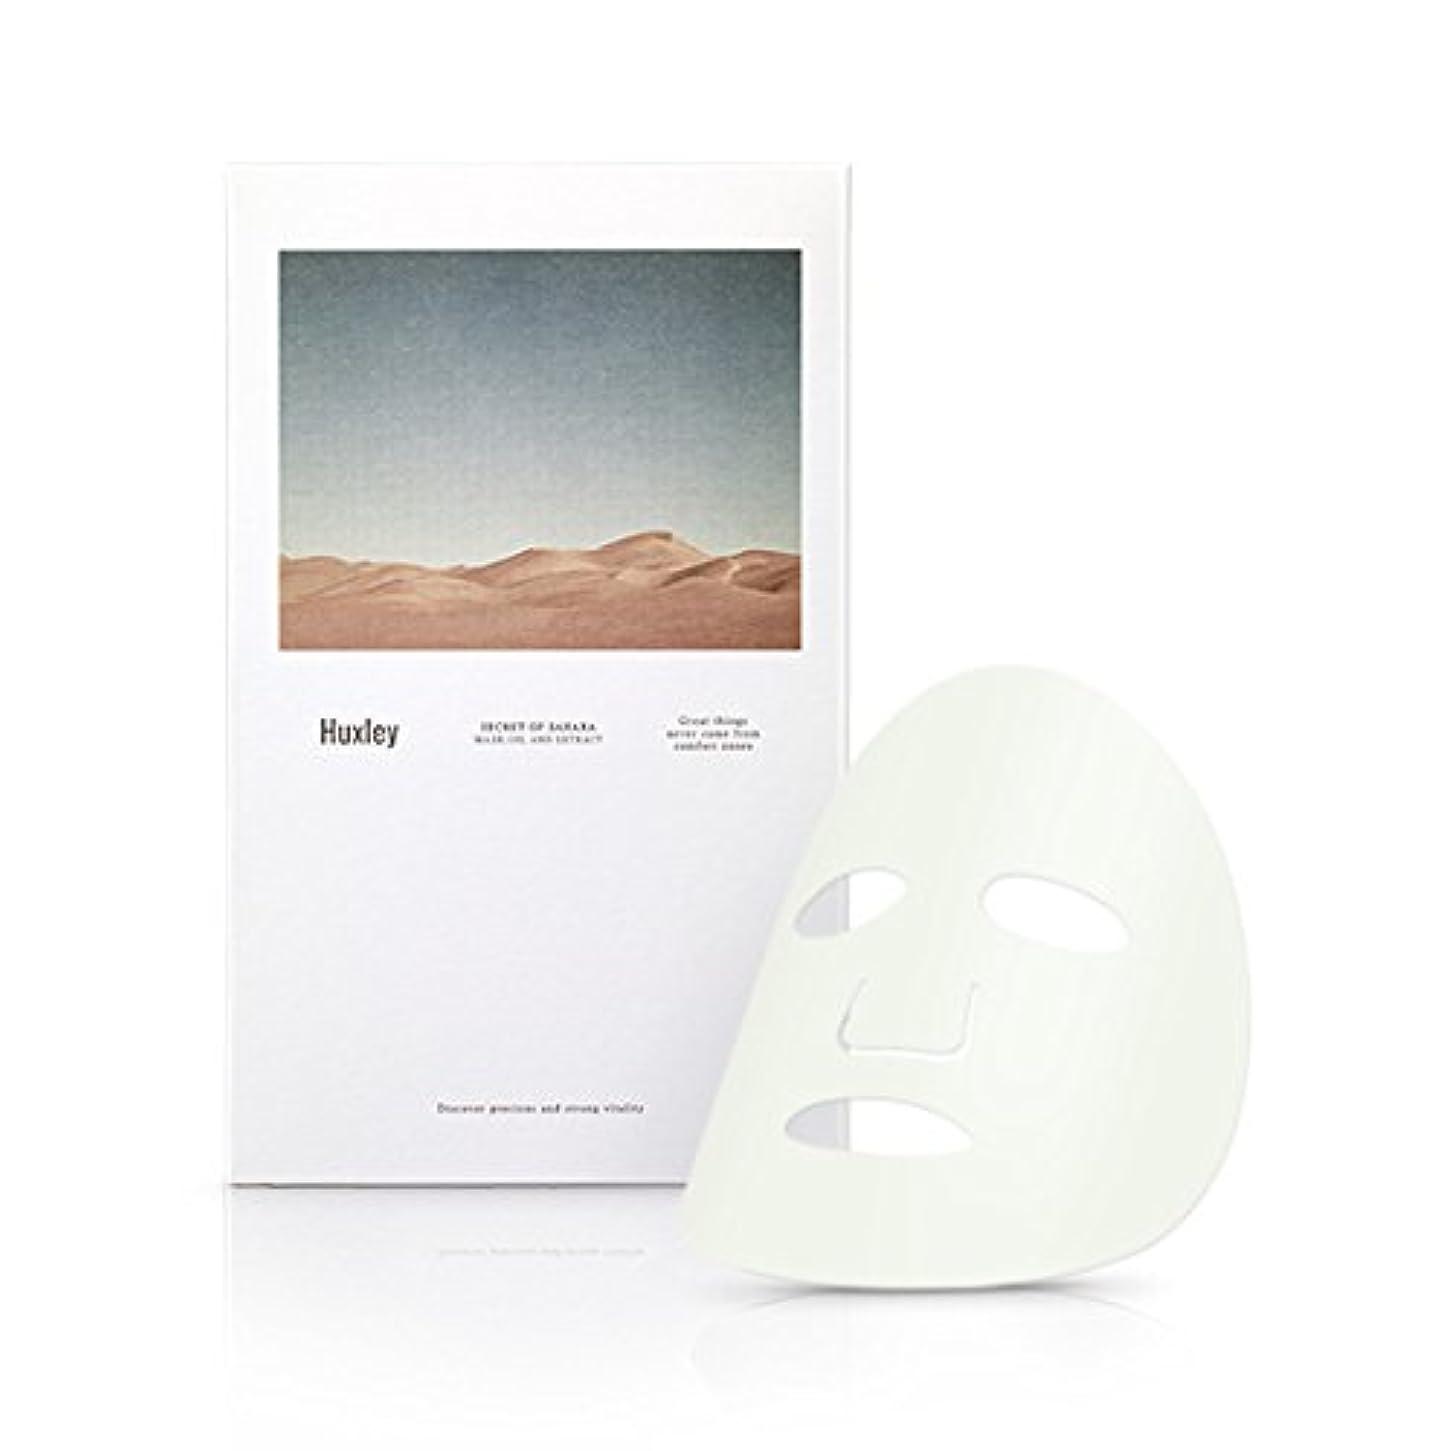 前に矛盾留め金Huxley Mask;Oil And Extract 25ml × 3ea/ハクスリー マスク;オイル アンド エクストラクト 25ml × 3枚 [並行輸入品]